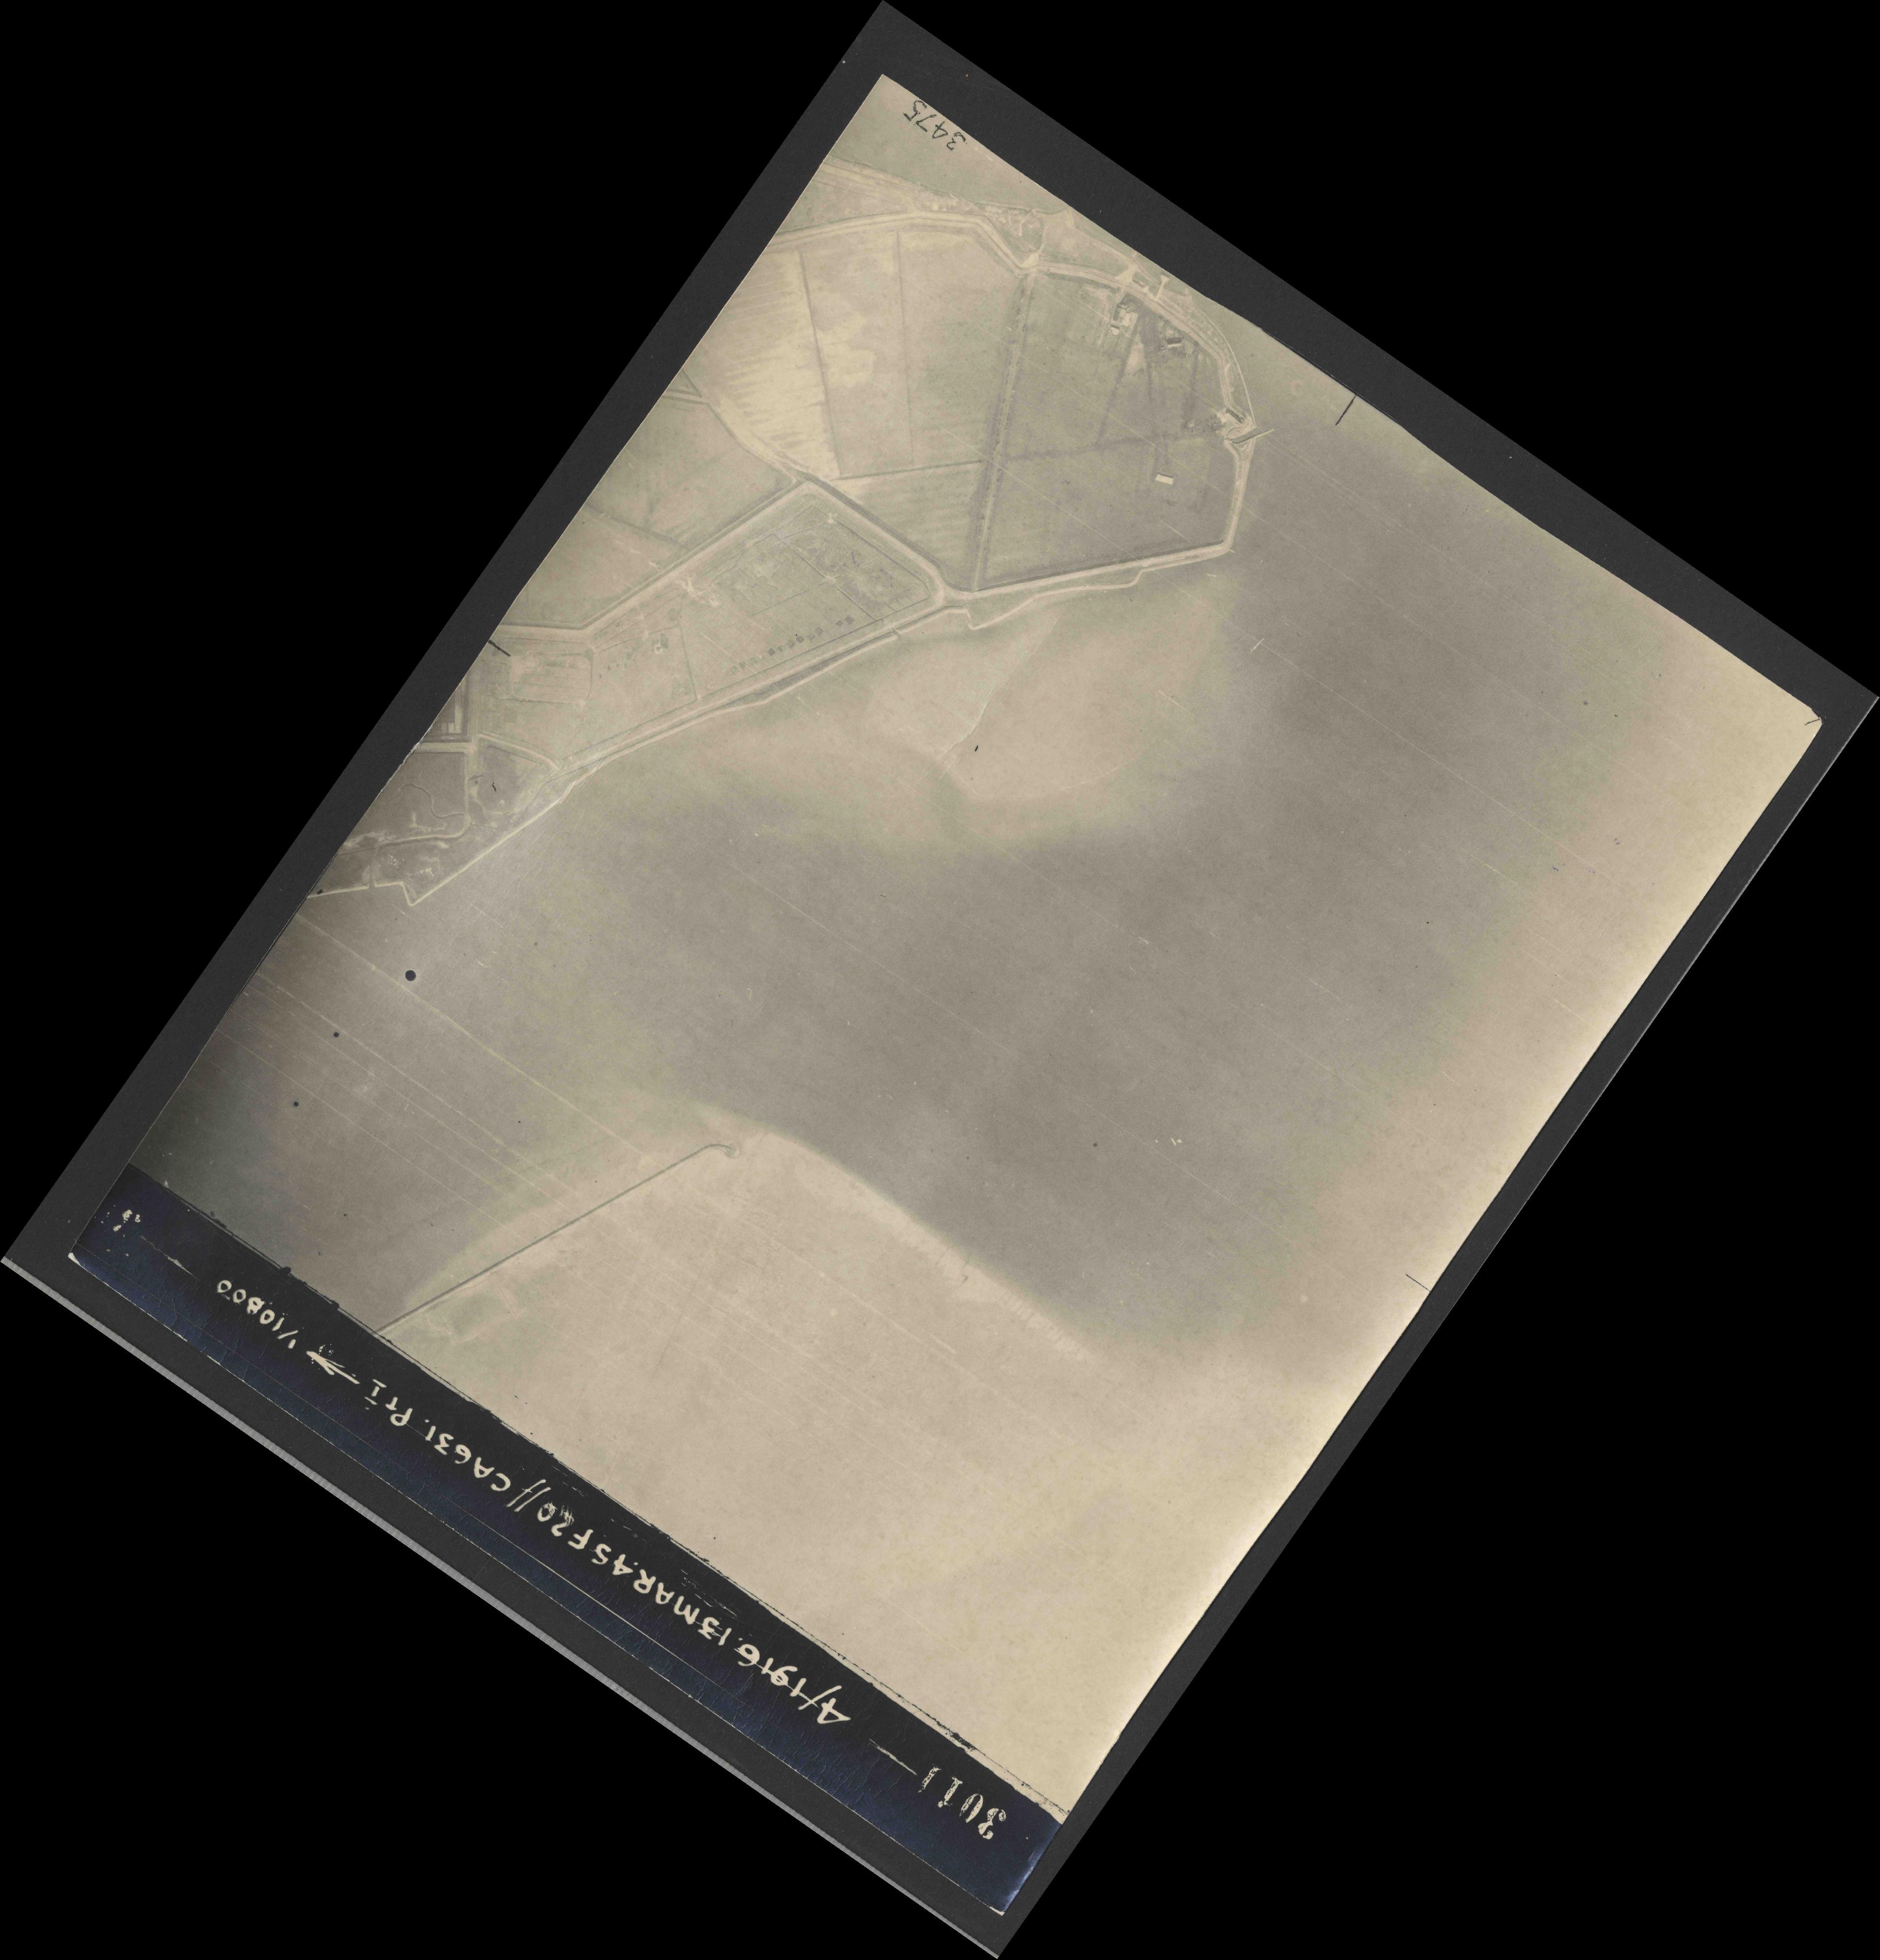 Collection RAF aerial photos 1940-1945 - flight 085, run 06, photo 3011